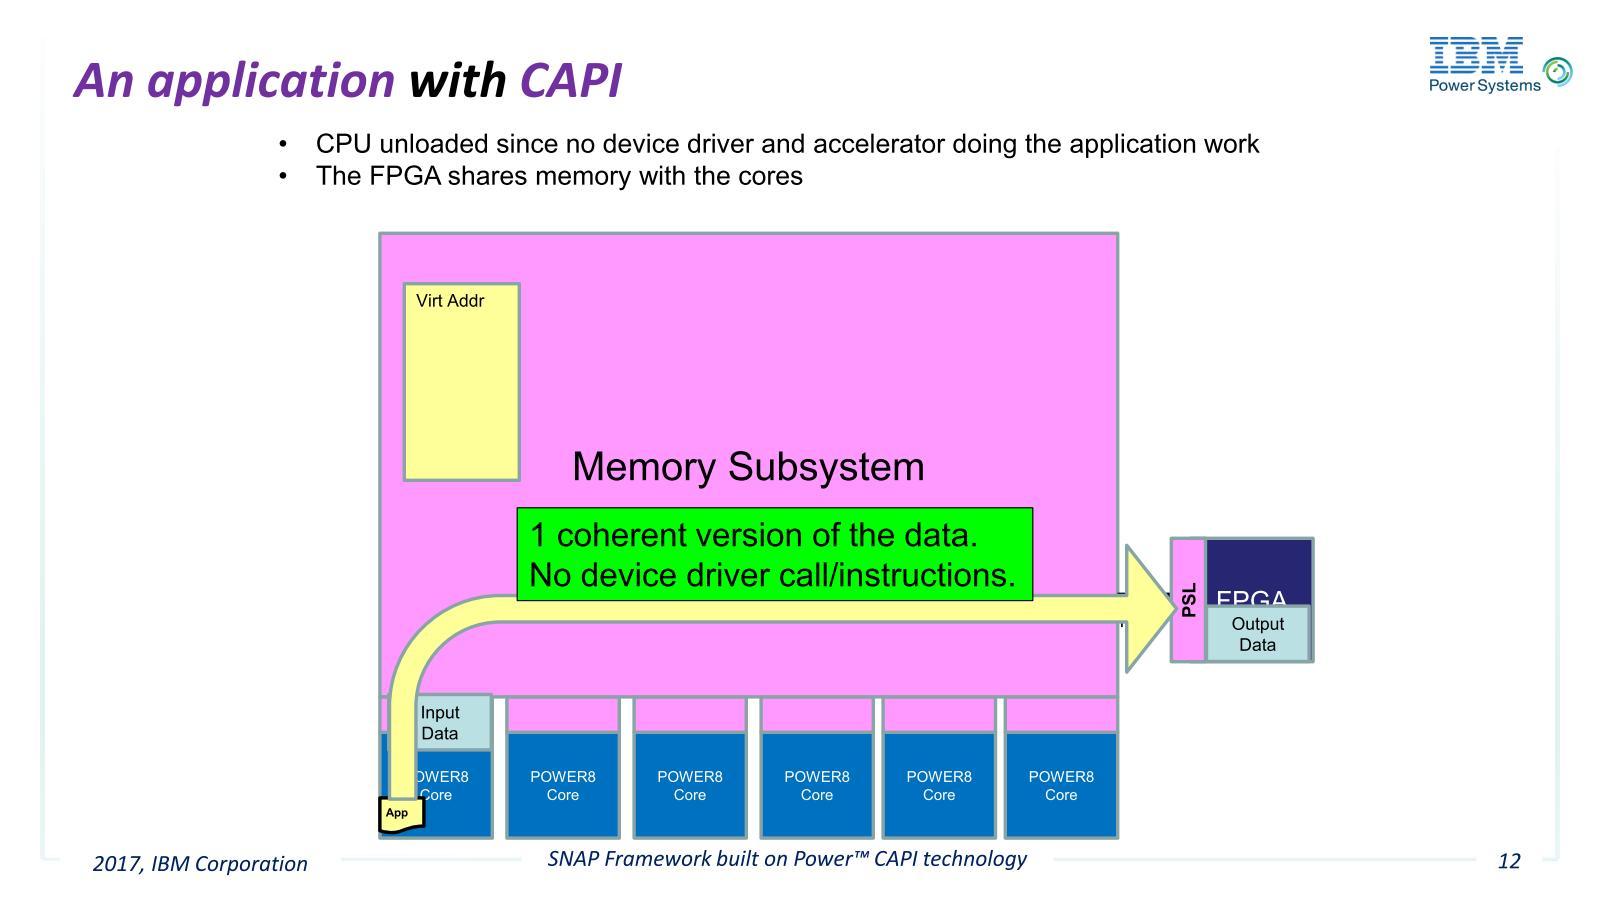 PCI Express経由だと合、メインメモリと外部デバイス(GPU/FPGA)のメモリが完全に分離されていて、CPUコアから直接プロセスが外部デバイスのメモリを操作できない(逆もしかり)が、CAPIではこうした垣根がなくなる